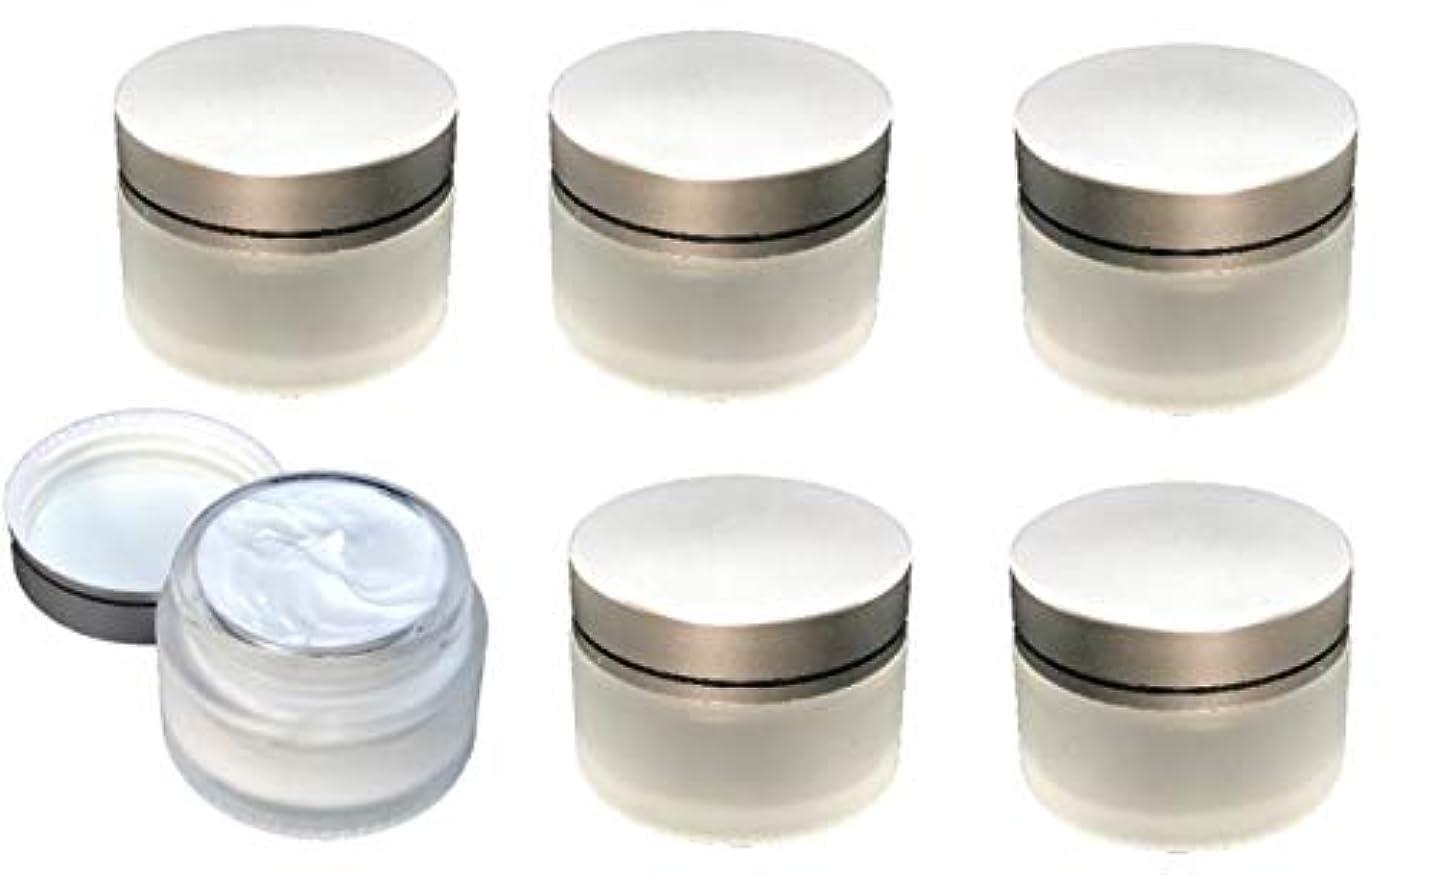 たっぷりそのような戻るrer ハンドクリーム 詰替え 容器 遮光瓶 薬 ワセリン 入れ 6個 セット (ホワイト)